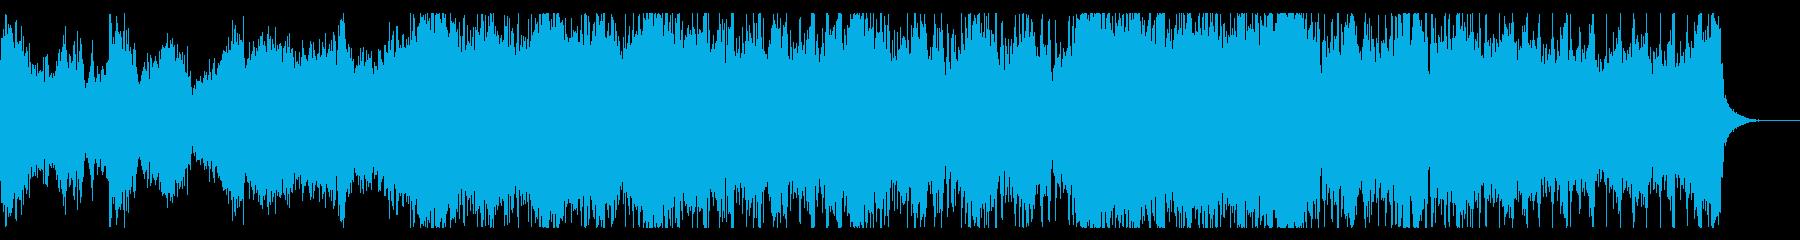 ホラーインダストリアルなテクスチャの再生済みの波形